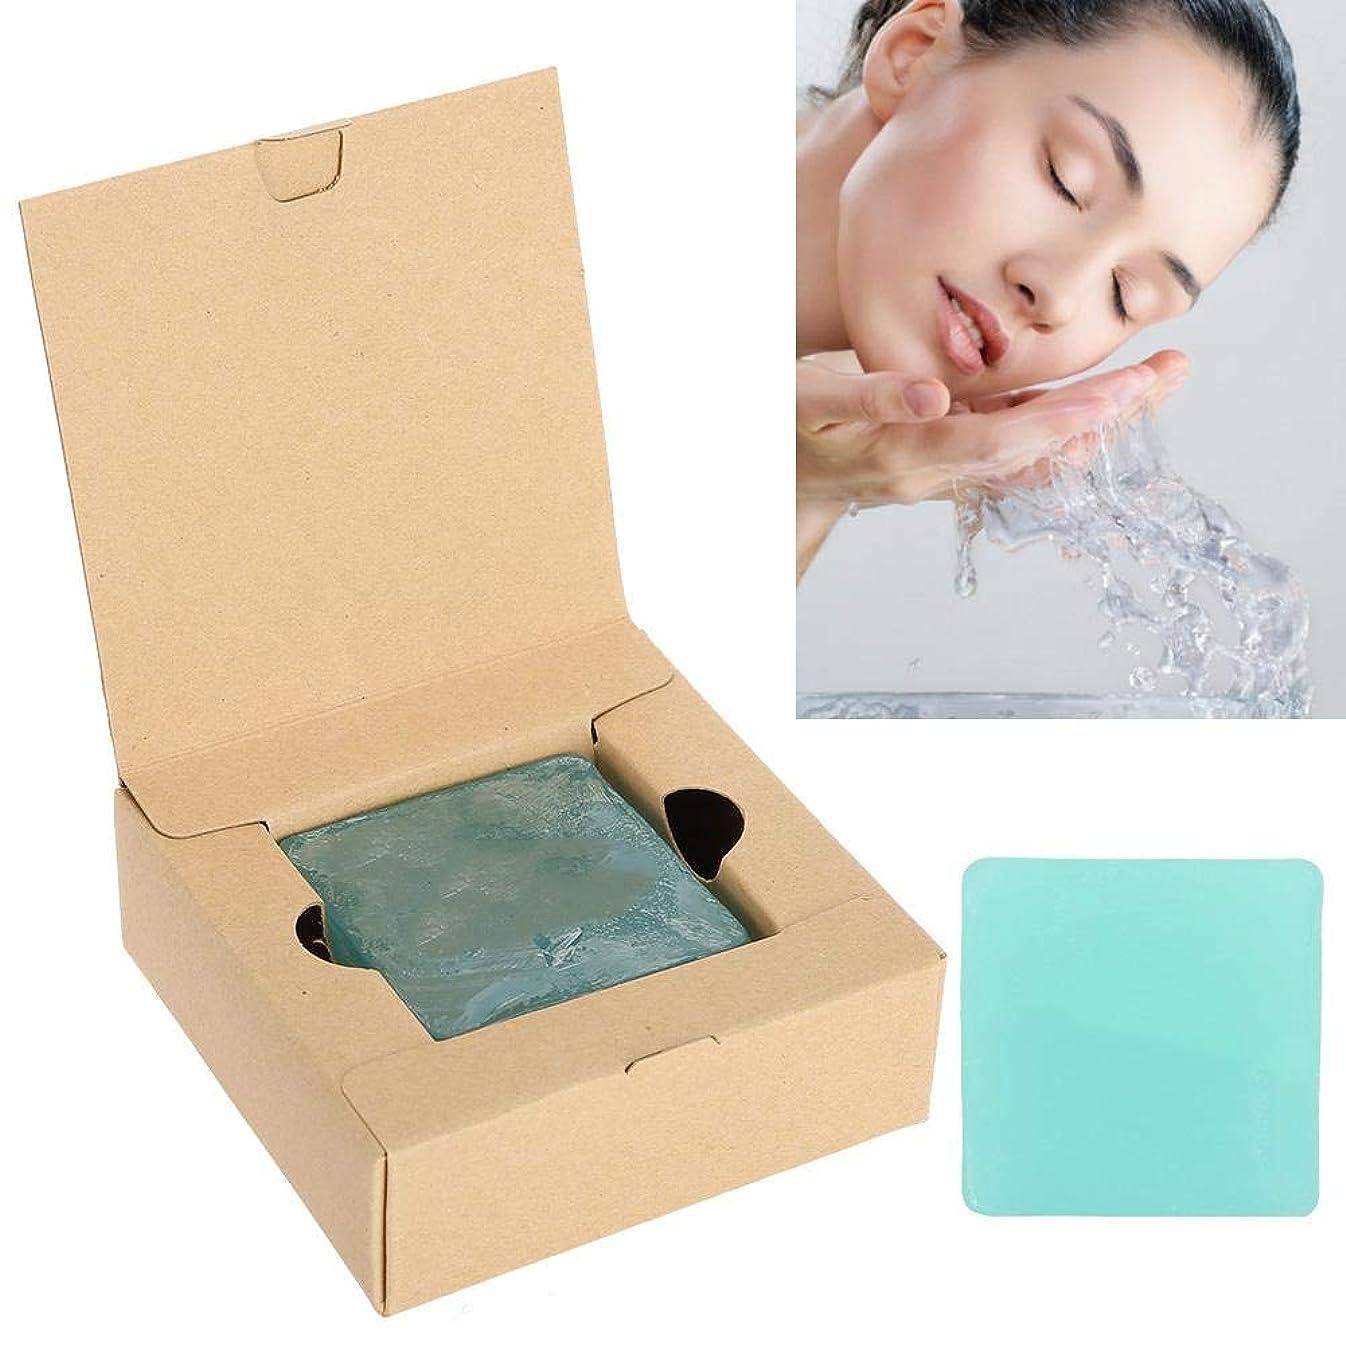 手作り洗顔せっけん ハンドメイドソープ ティ-ツリーオイル 固形 お肌に優しい 敏感肌 毛穴ケア 100g